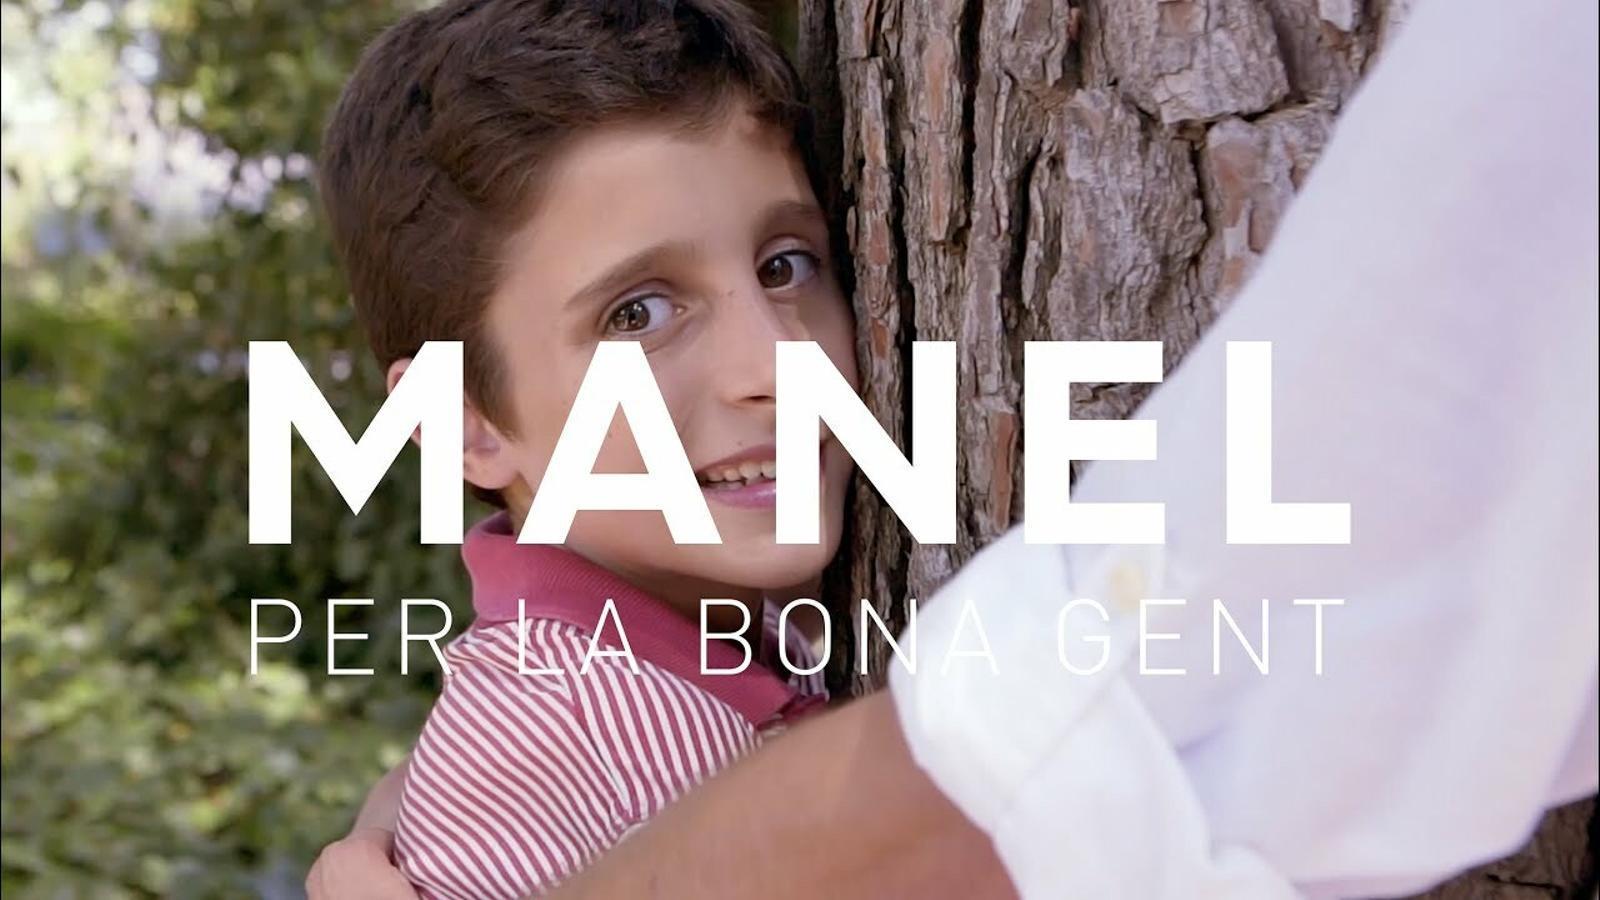 Videoclip de 'Per la bona gent', de Manel